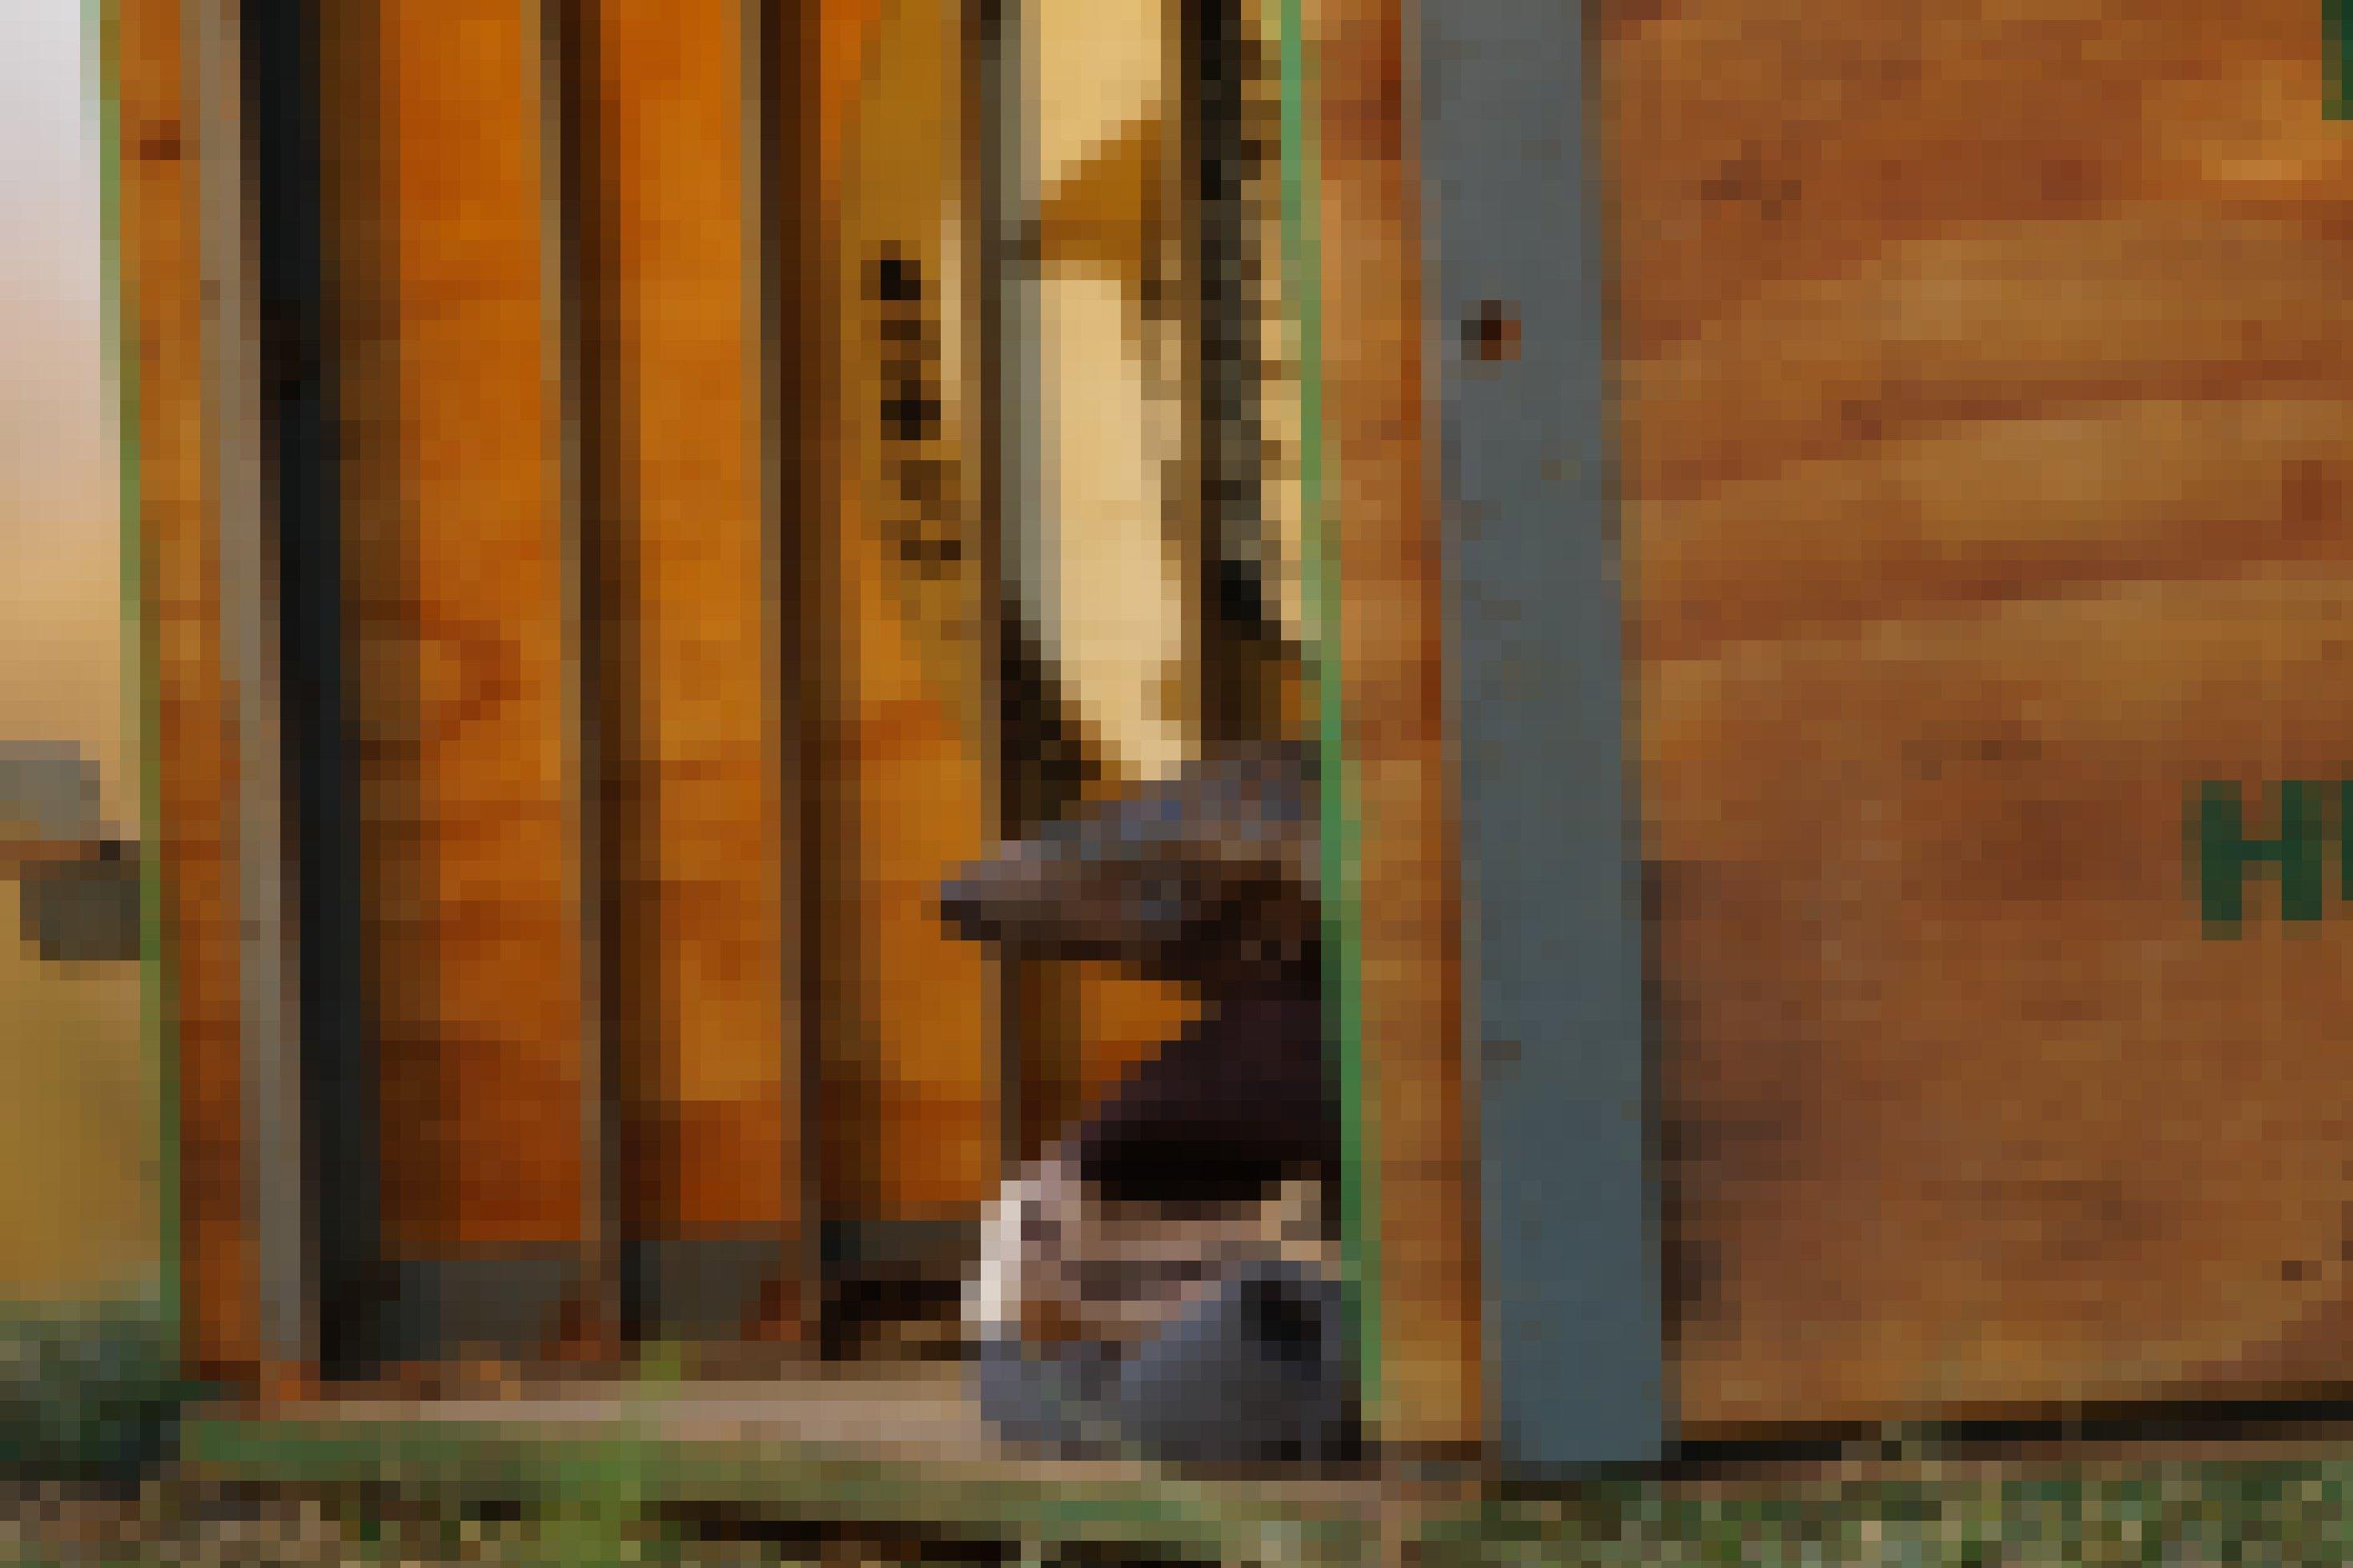 Pangolin Giya schaut aus seiner Holzkiste, zu sehen sind nur der Kopf, Nase und Augen